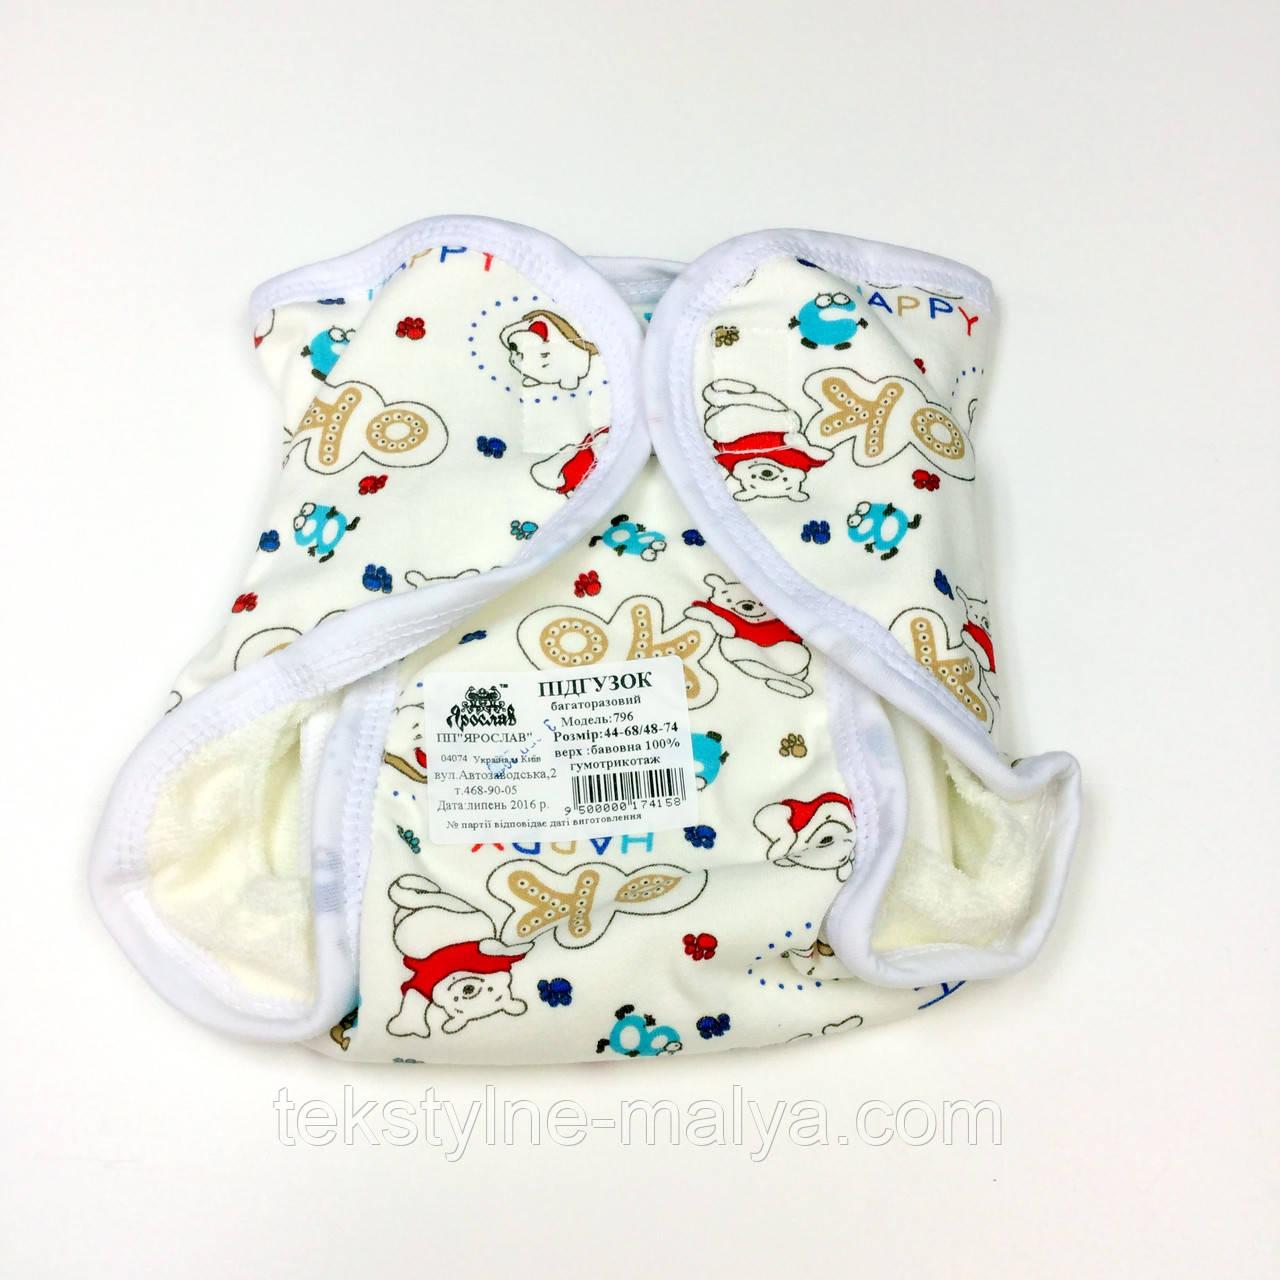 4b6b879aa133 Подгузники многоразовые хлопковые (68 74) (мишки)  продажа, цена в ...